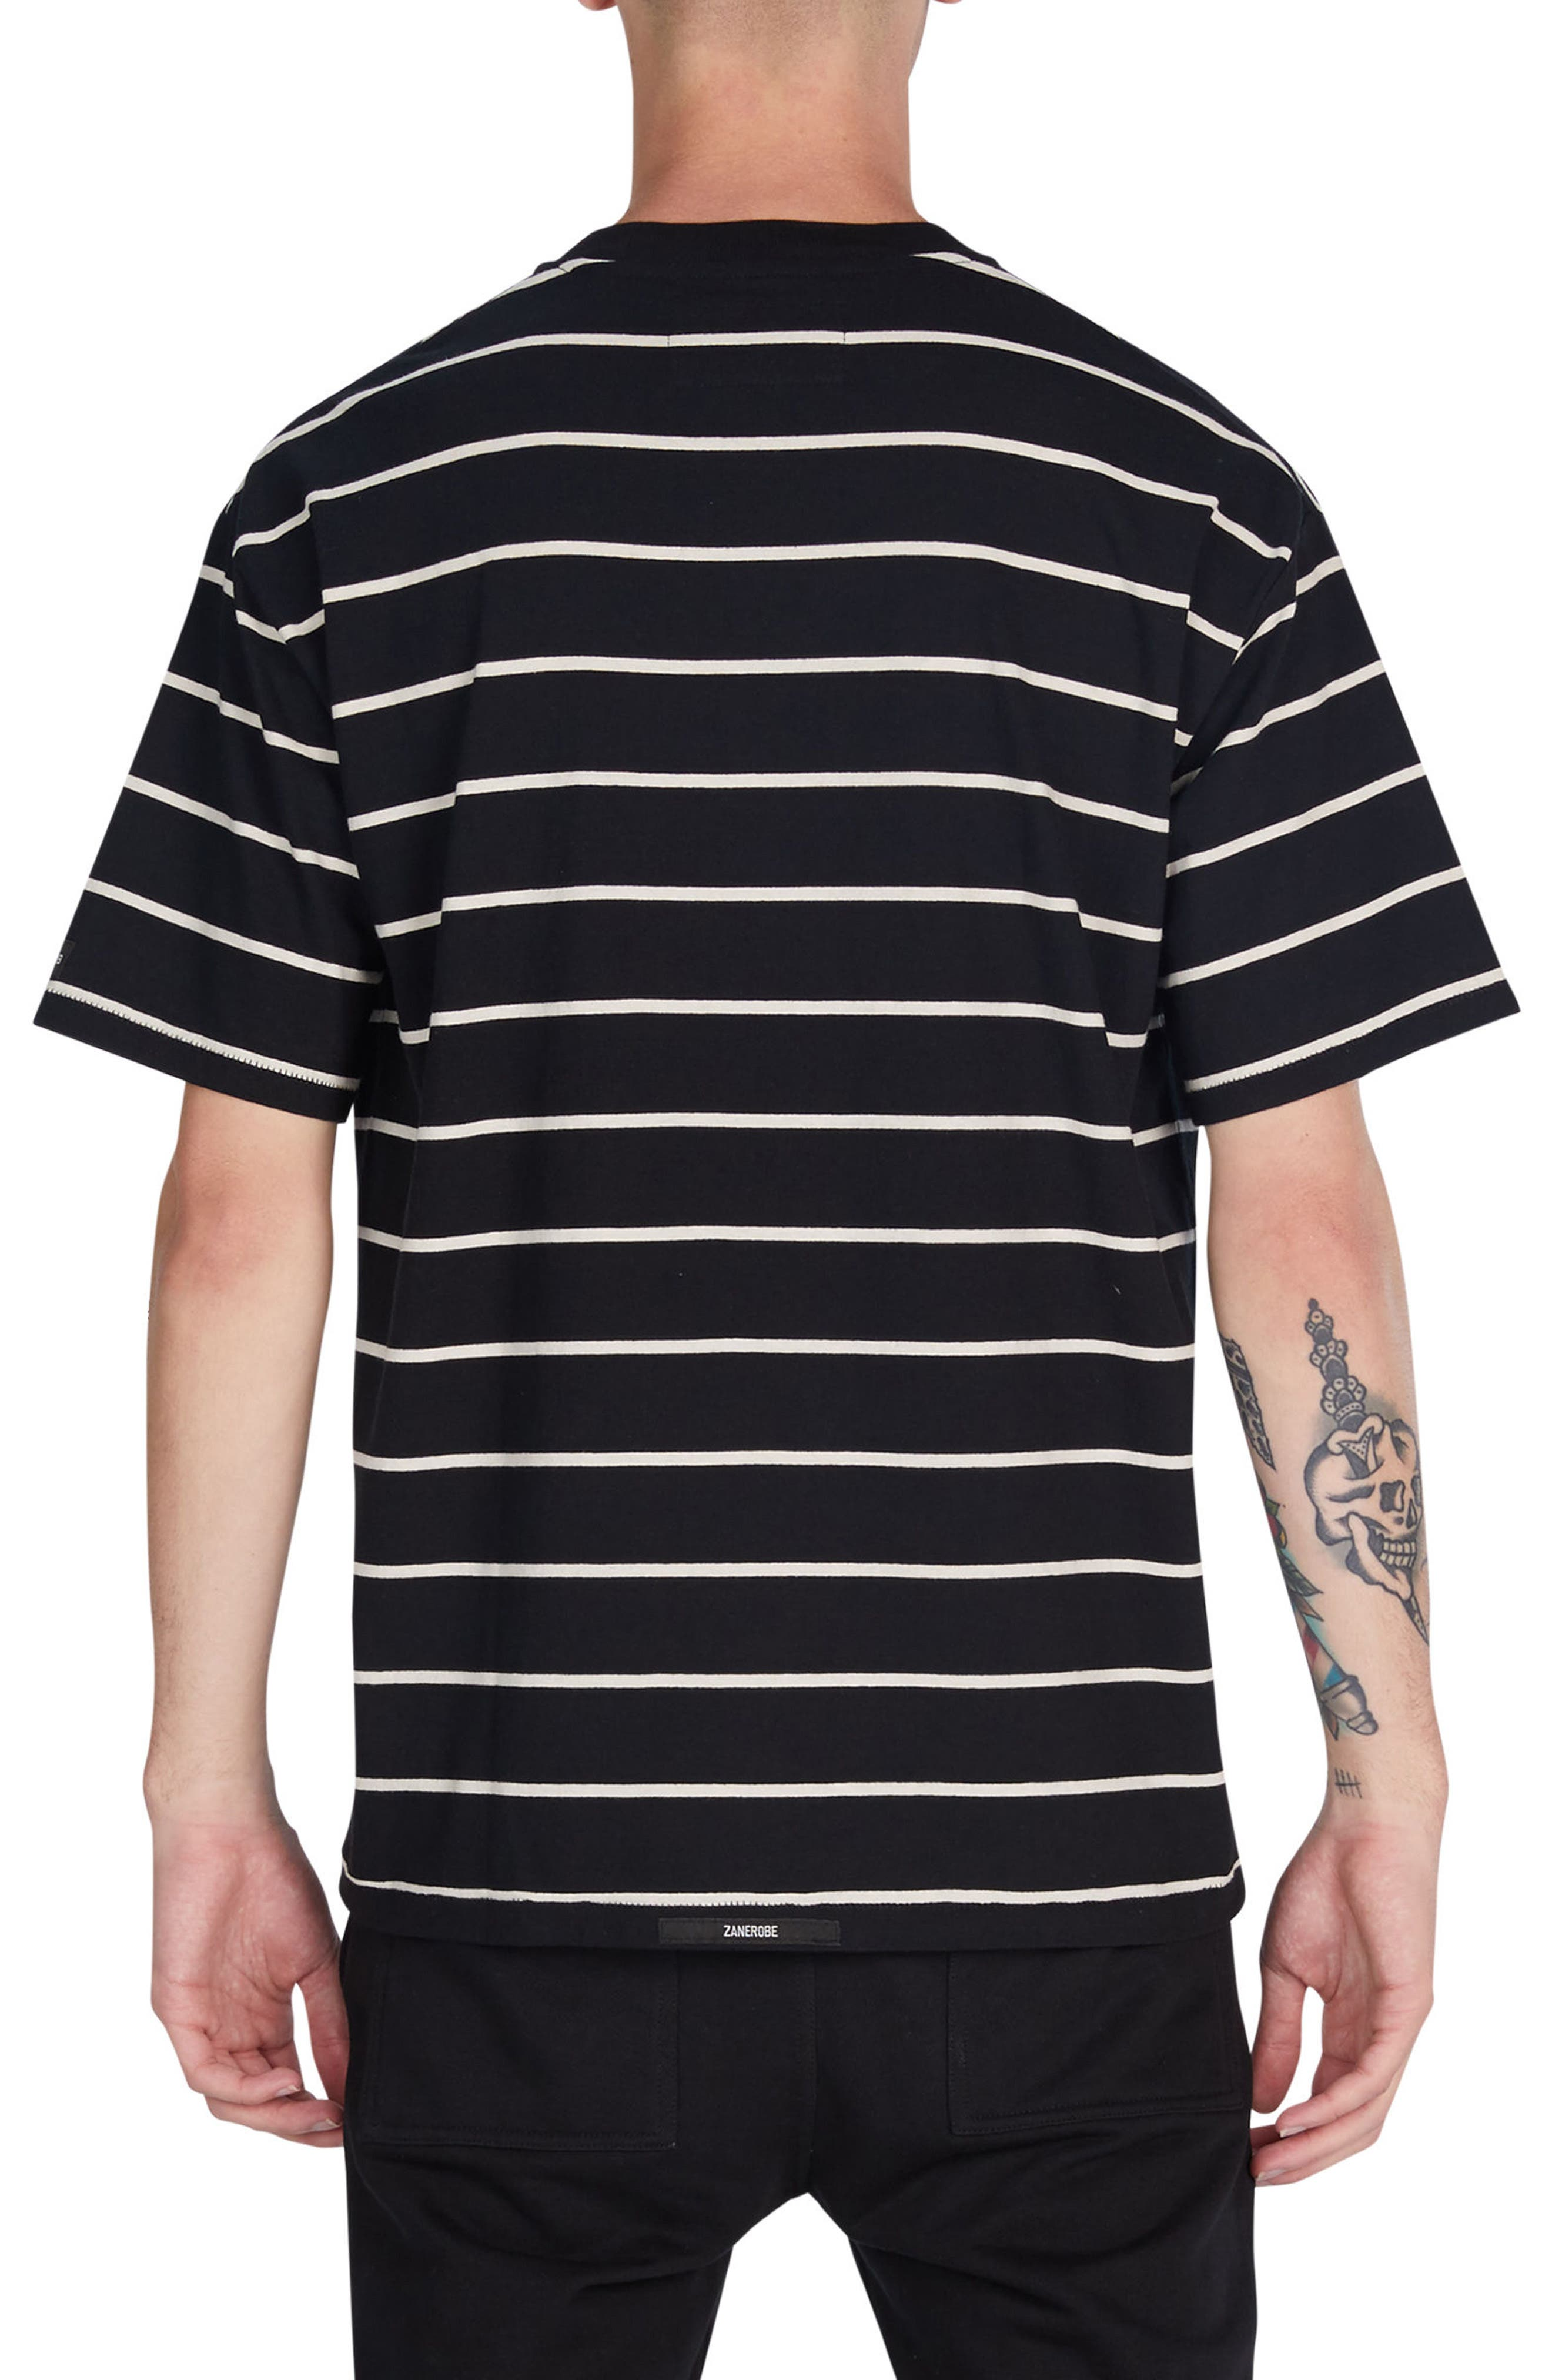 Box Stripes T-Shirt,                             Alternate thumbnail 2, color,                             001